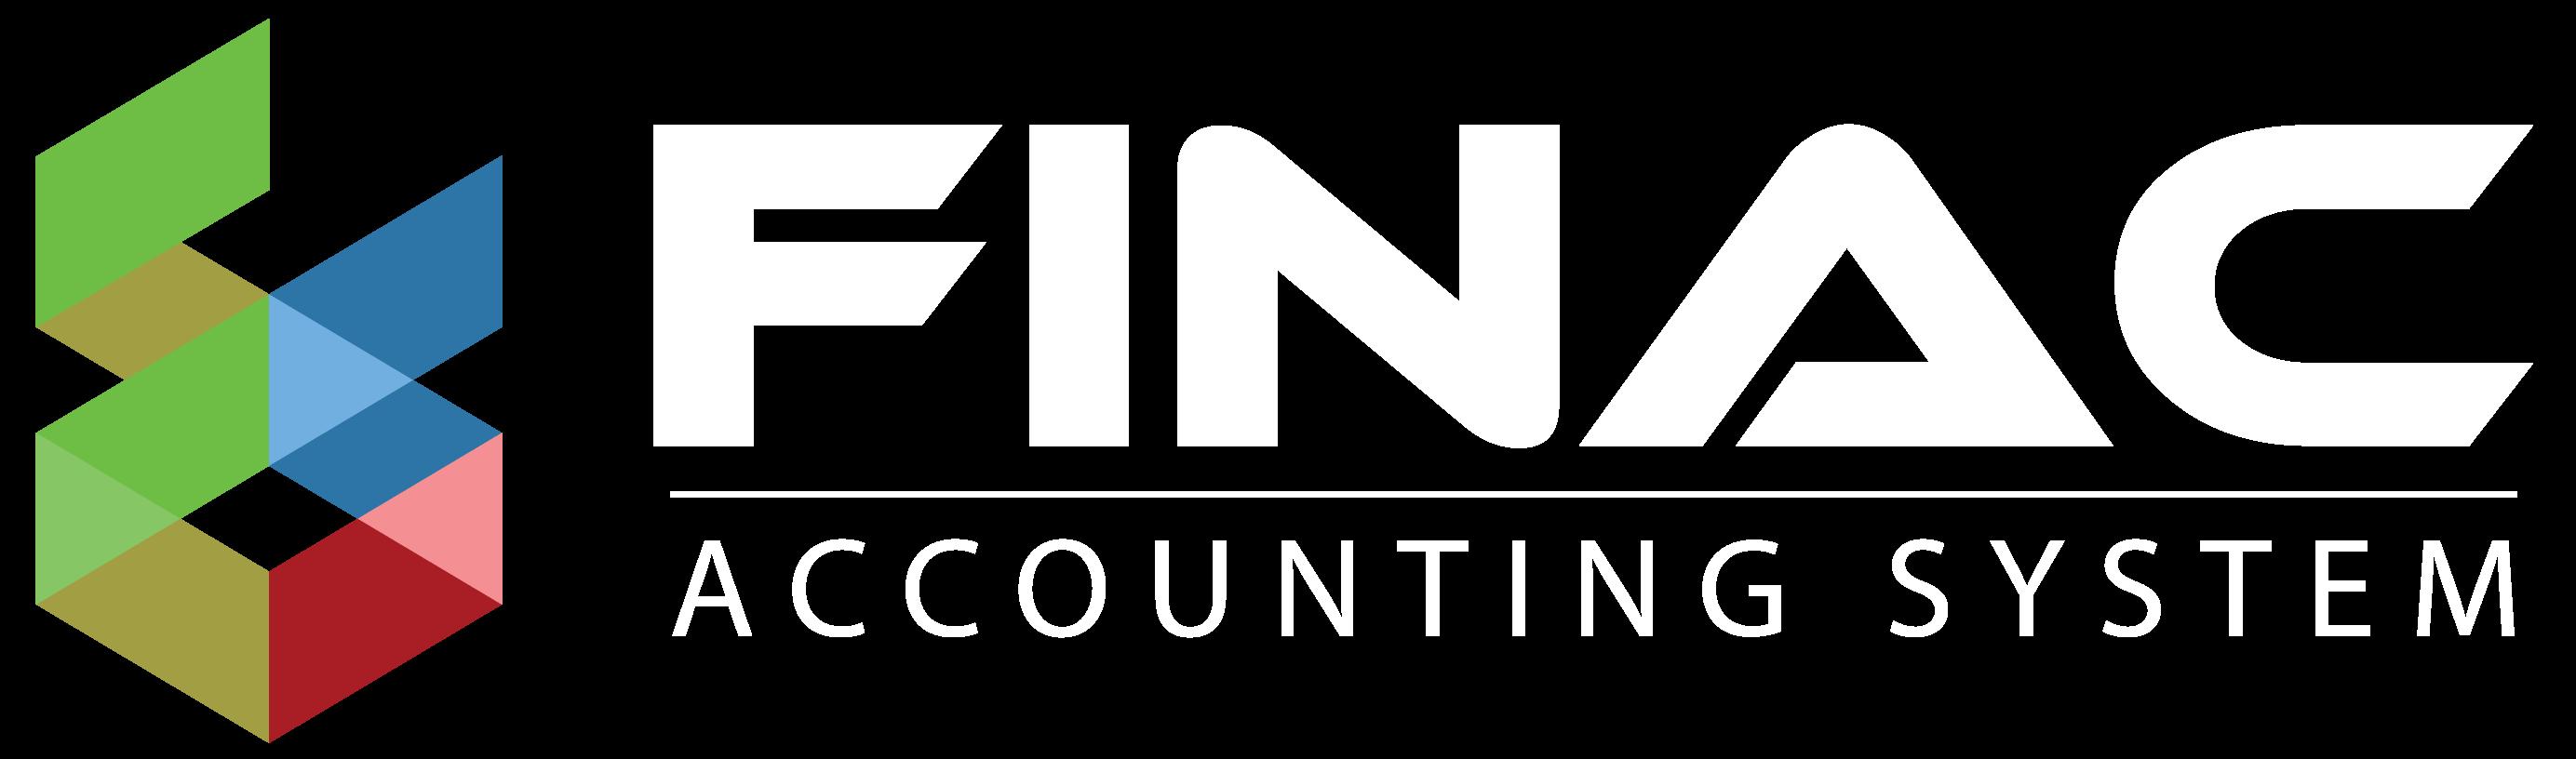 Finac